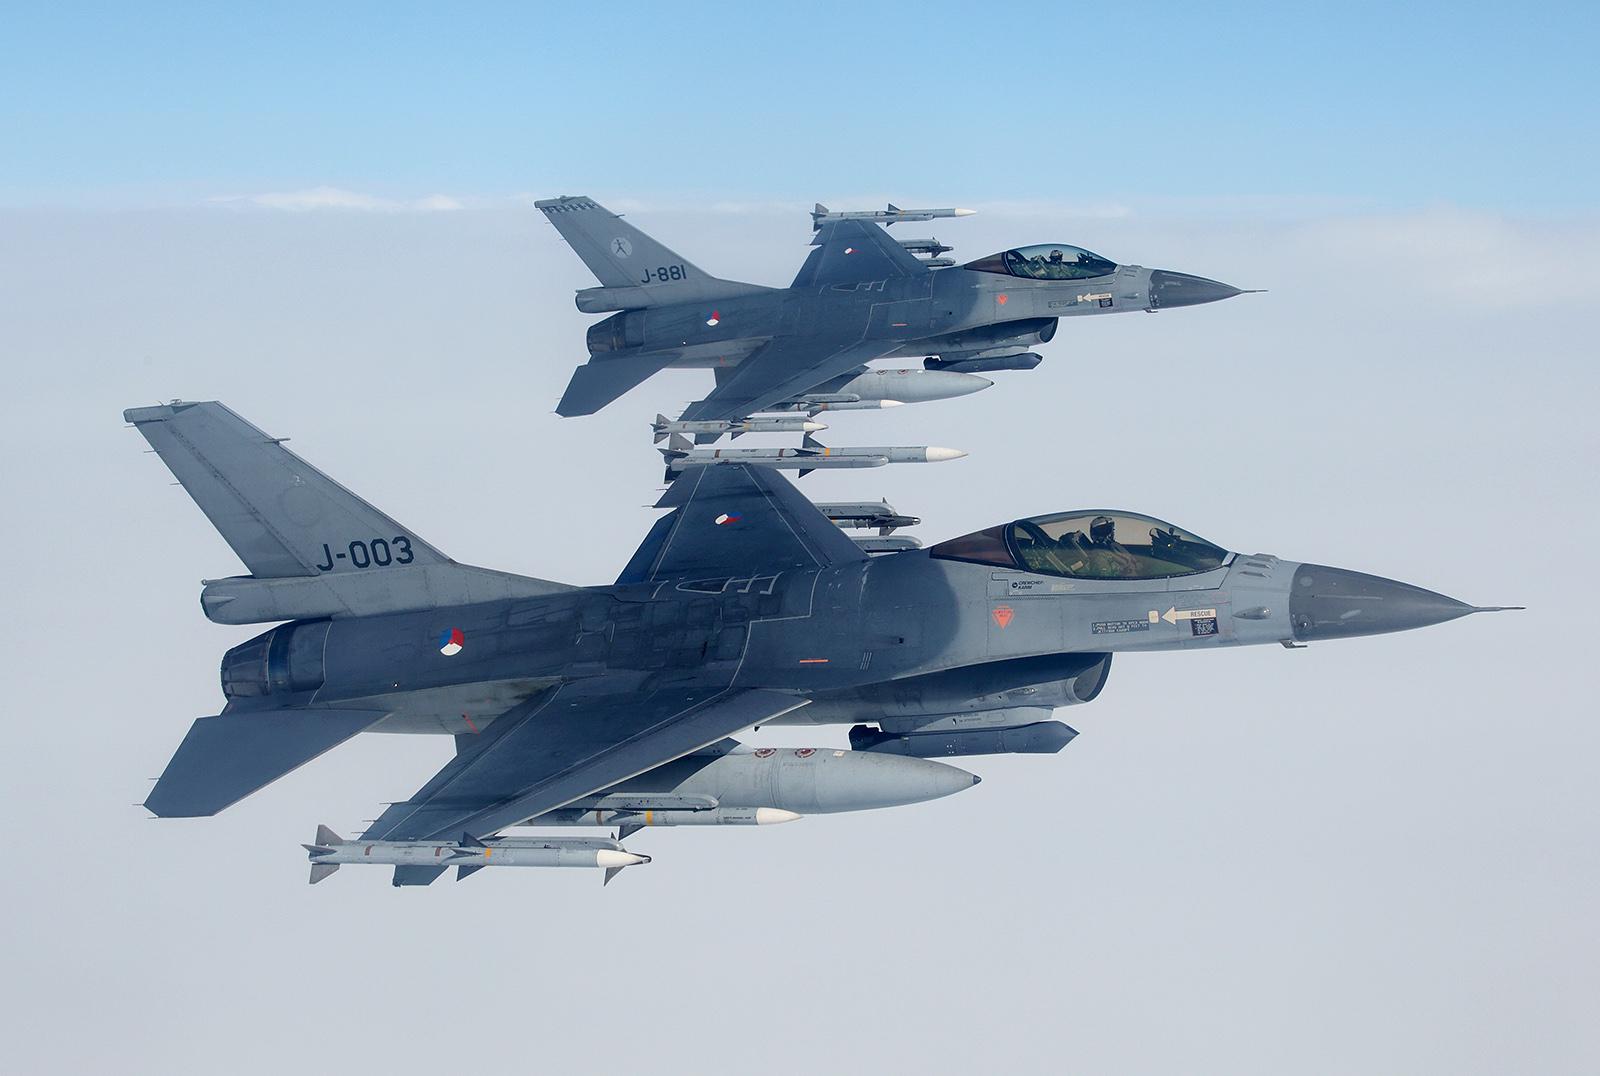 Na pierwszym planie potężnie uzbrojony Holenderski F-16 - rzadko spotykana konfiguracja czterech rakiet AMRAAM oraz dwóch Sidewinder.